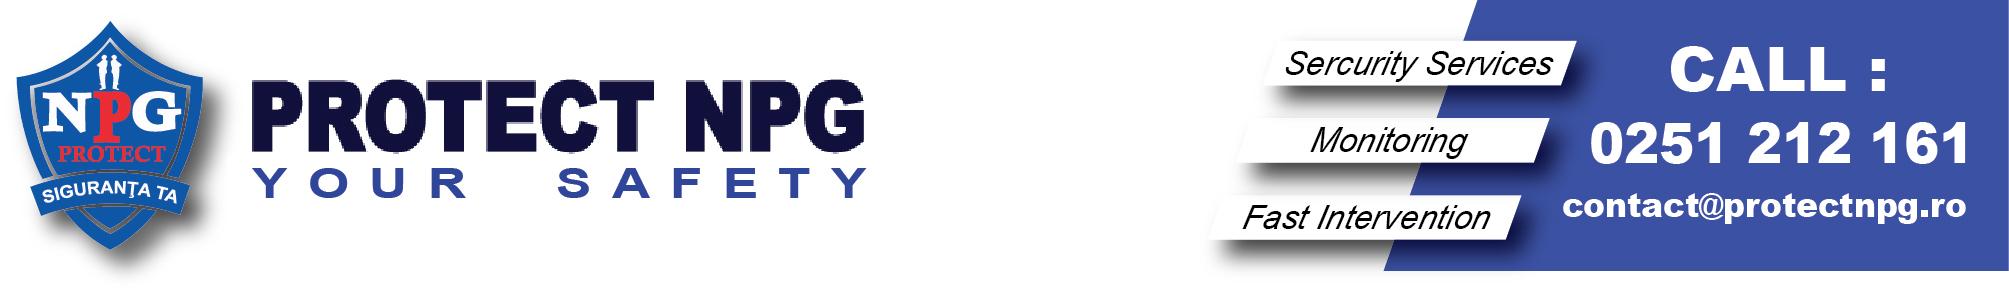 Protect NPG – Firma de Paza – paza si protectie, monitorizare si interventie, alarma, supraveghere video, servicii integrate de securitate, sisteme de efractie